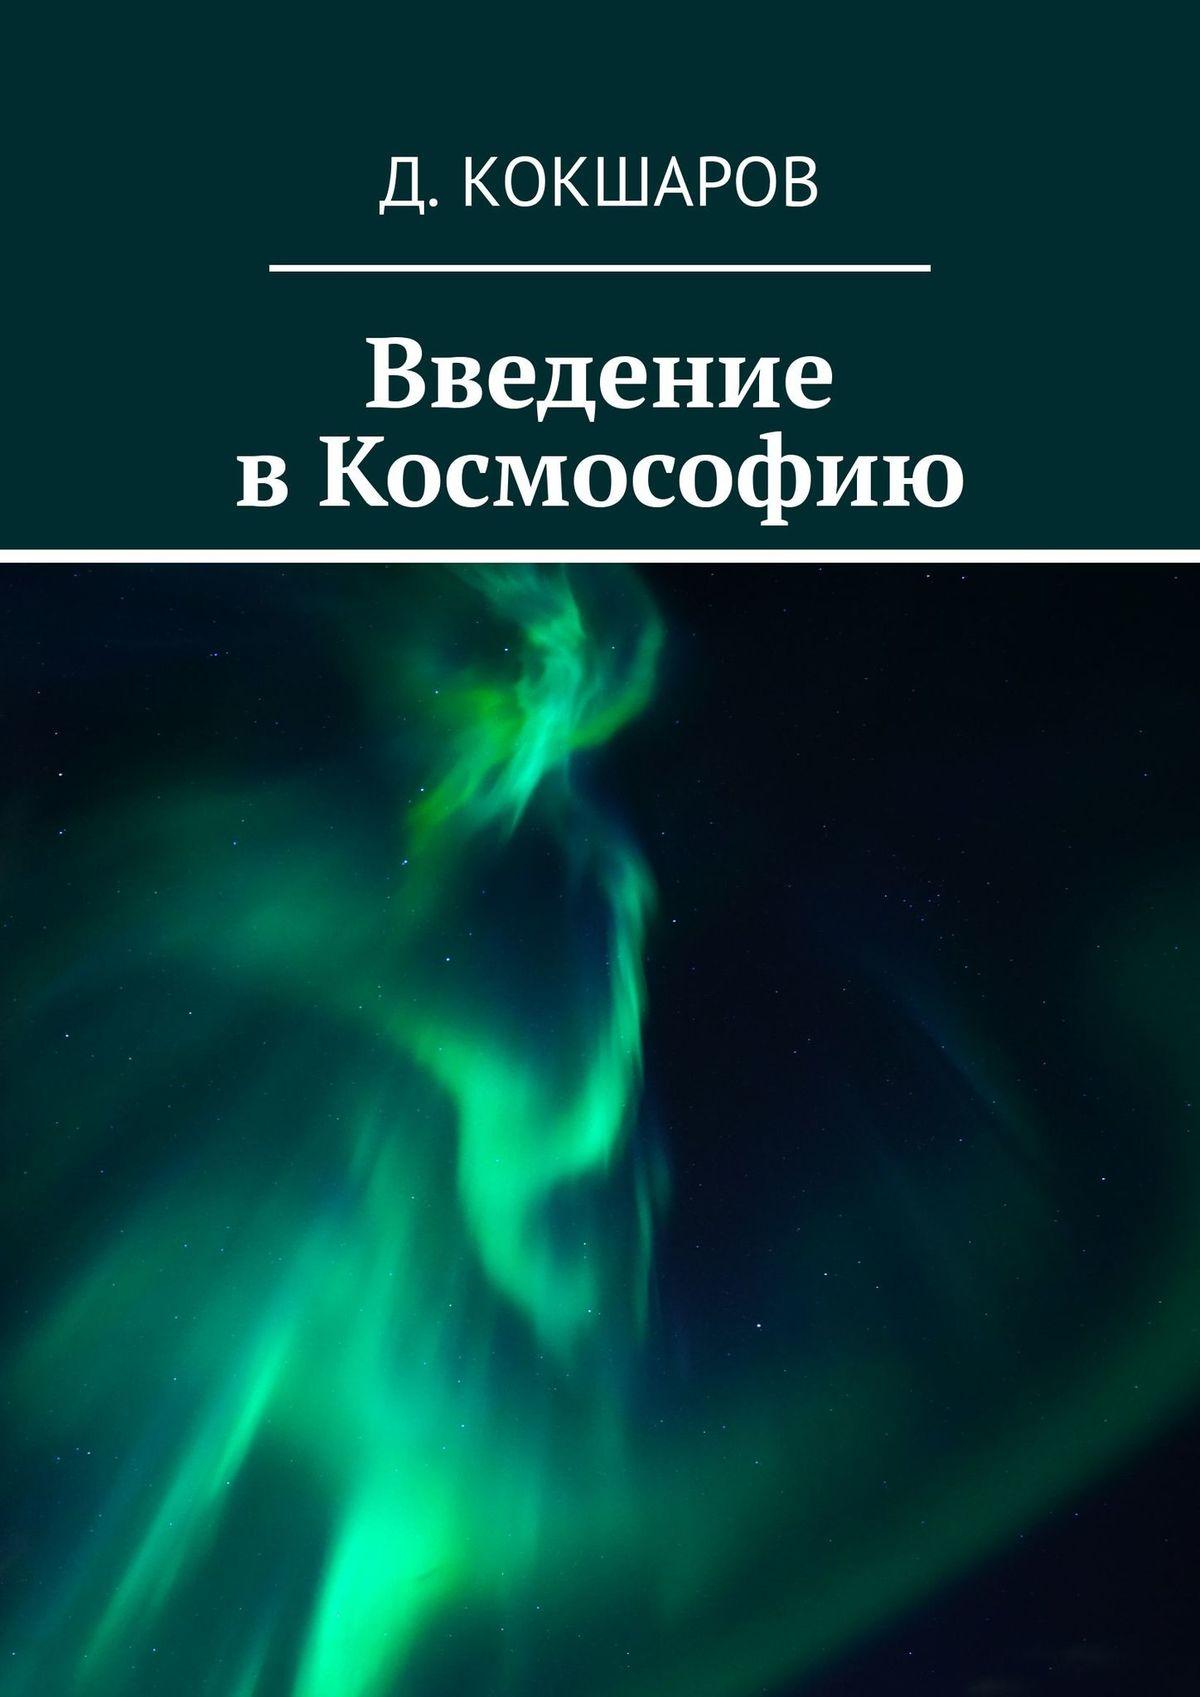 Введение вКосмософию